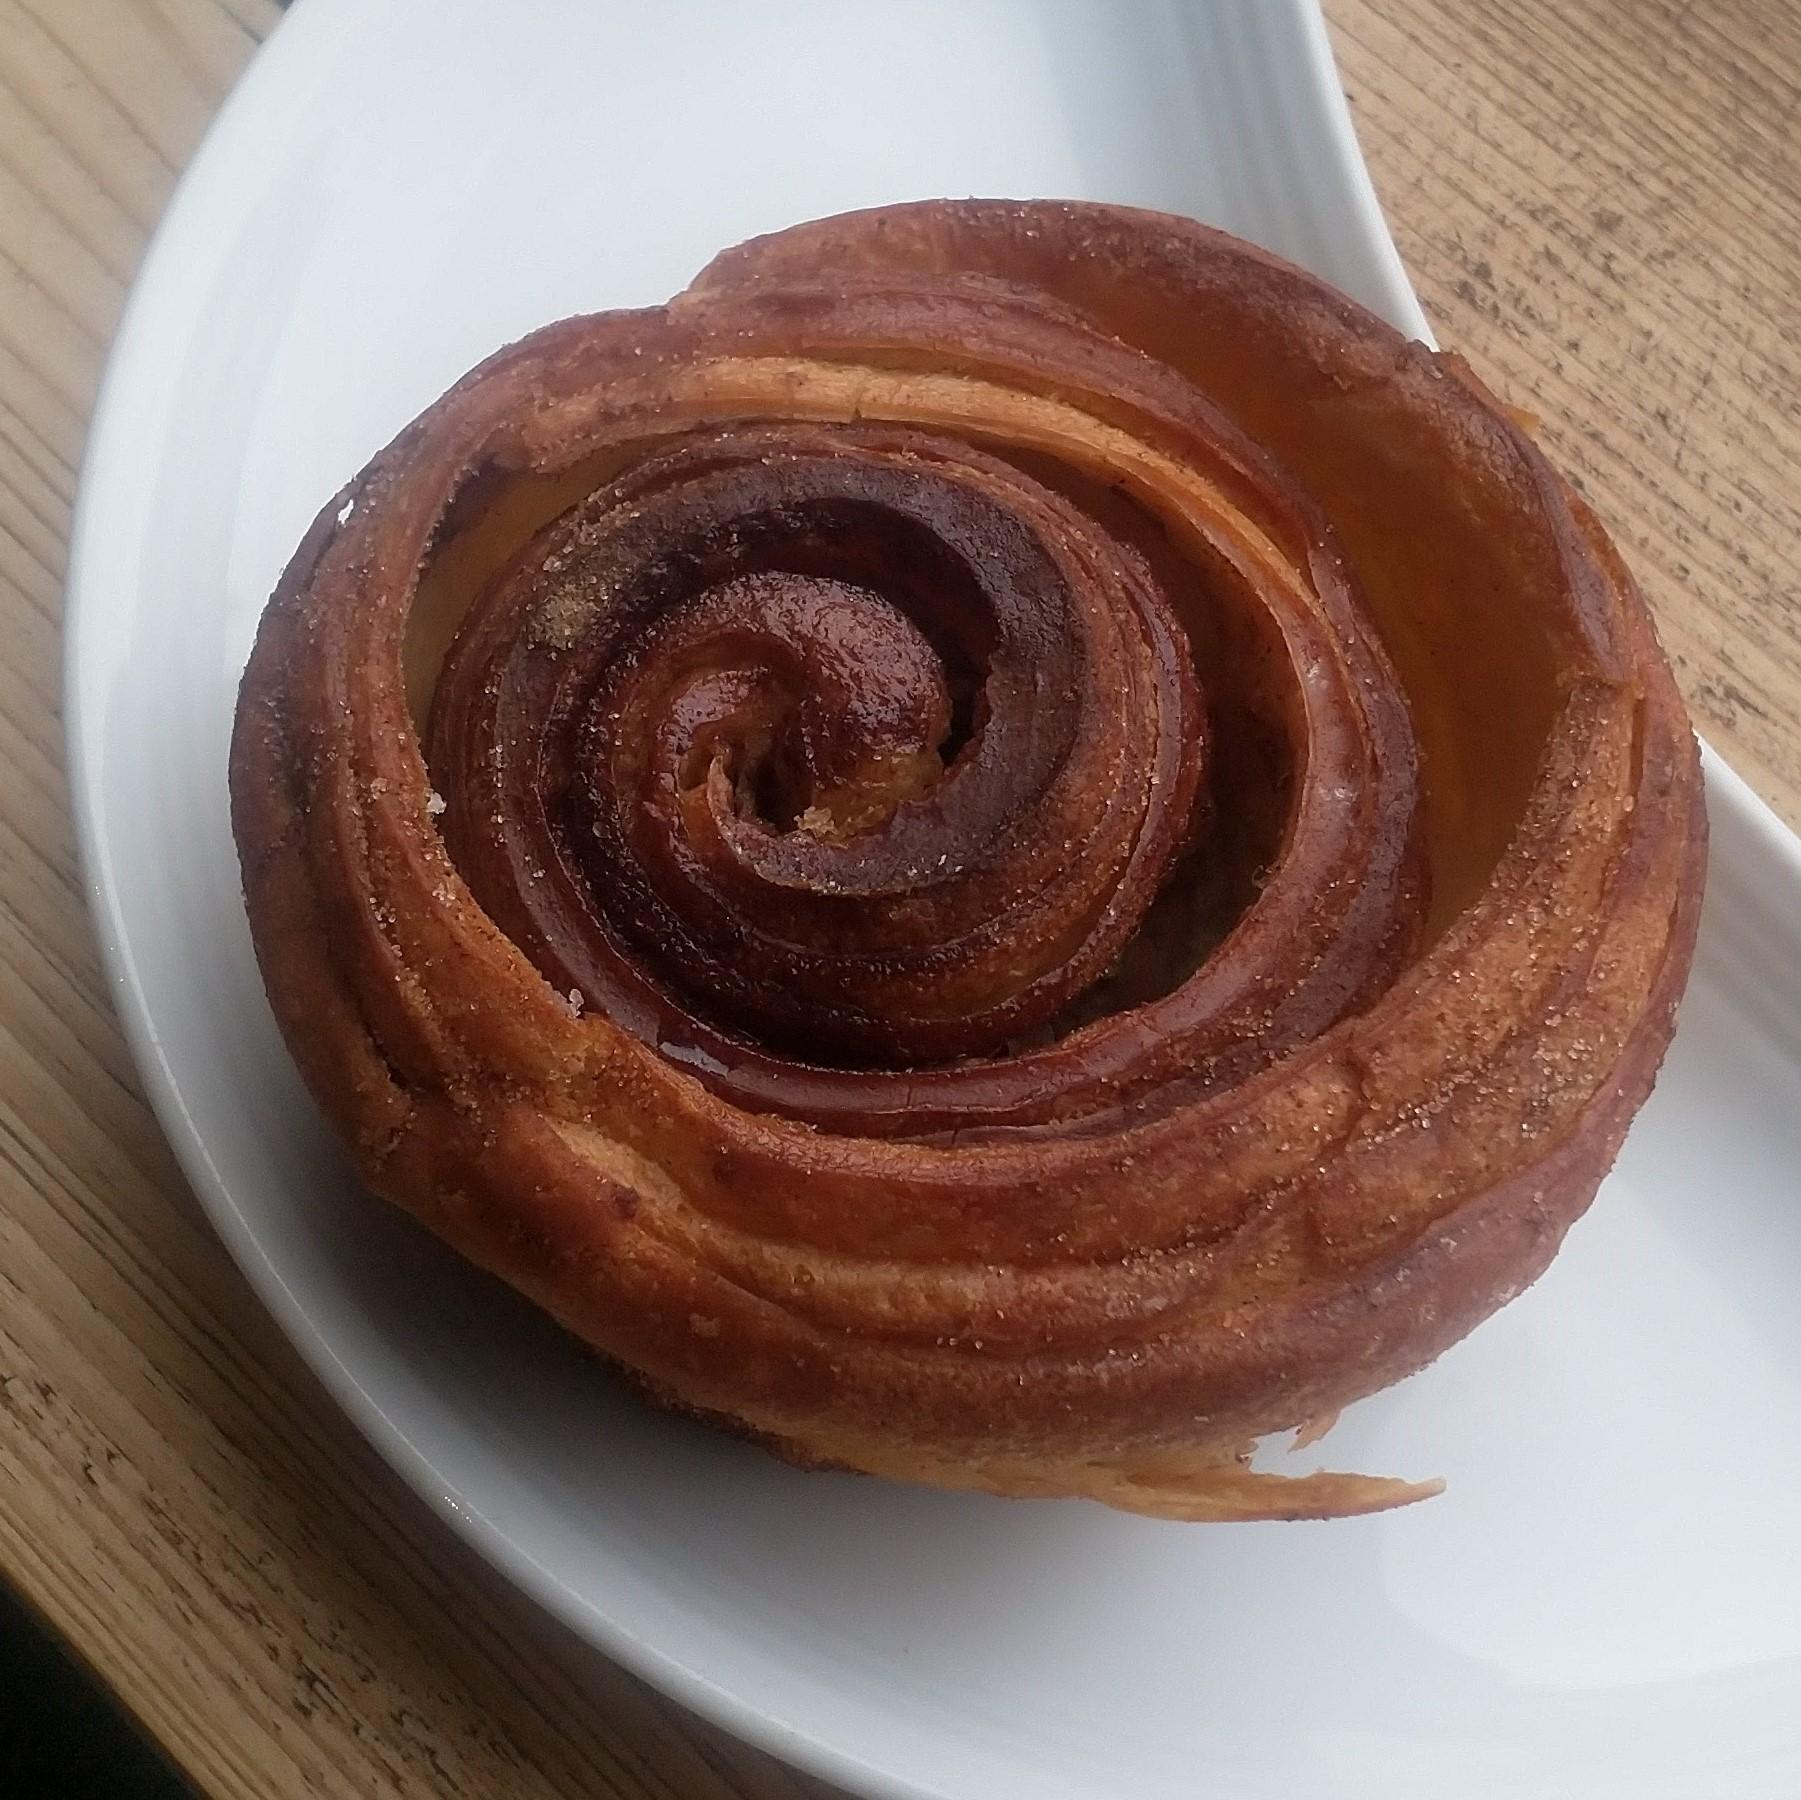 Rex Nordic style cinnamon bun takeaway